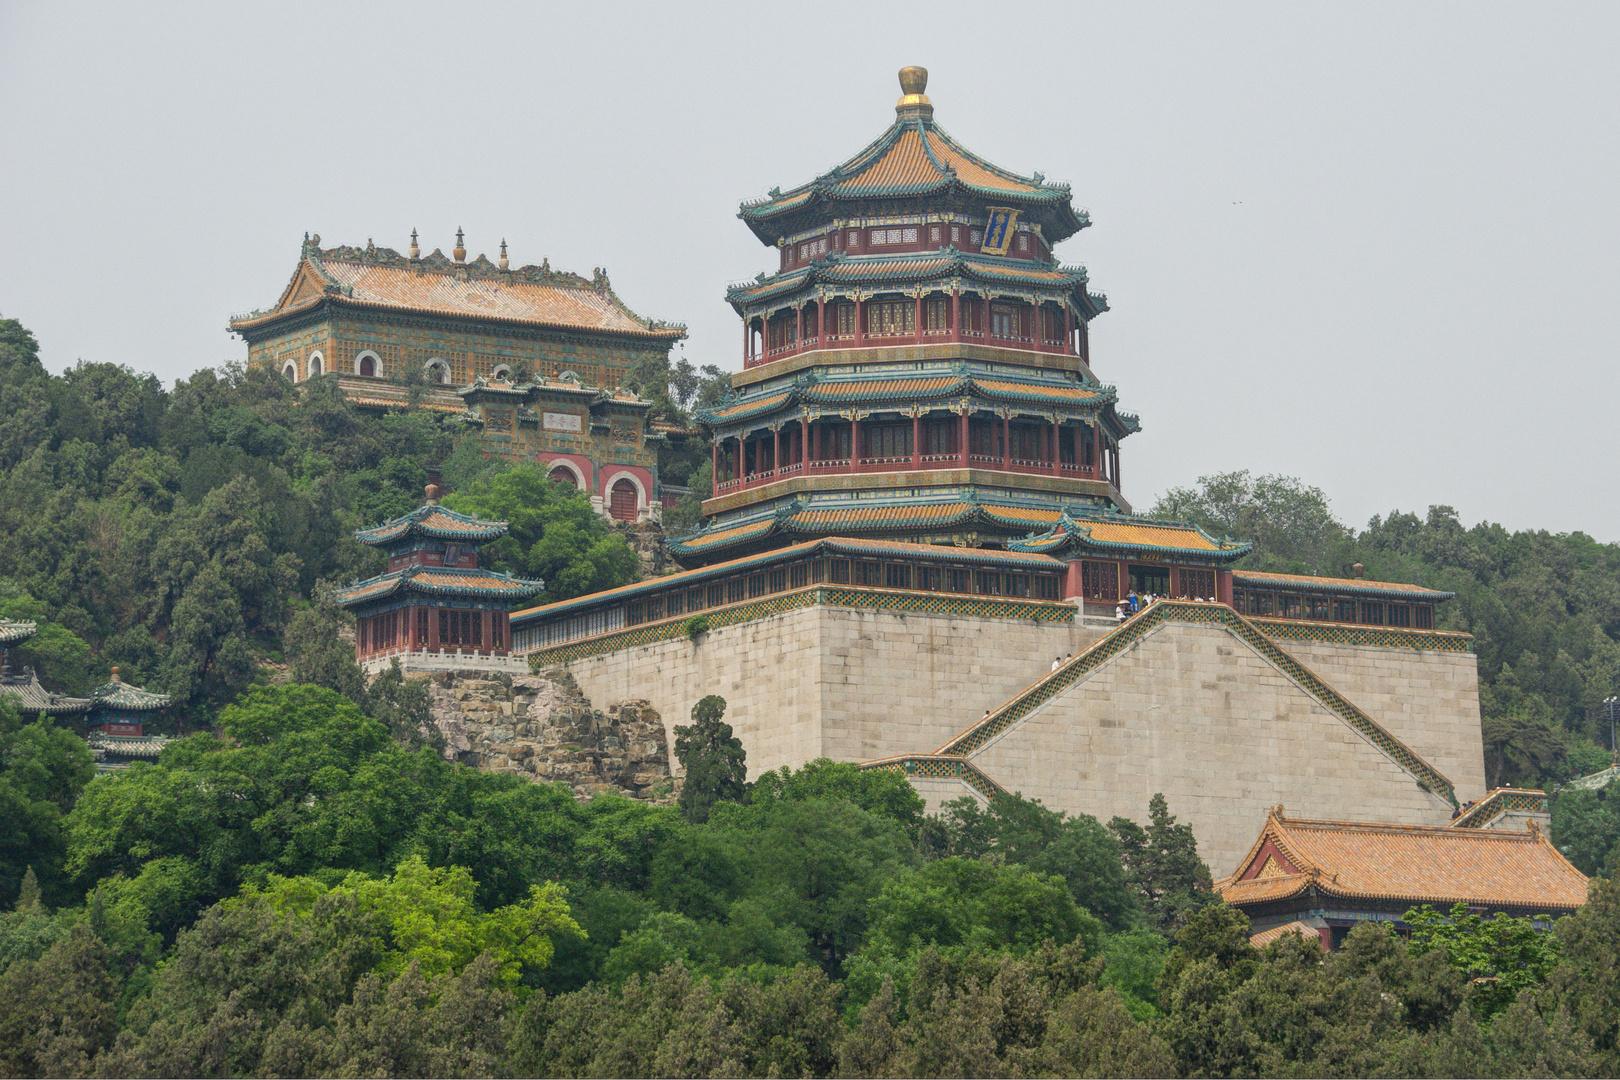 032 - Beijing - Summer Palace